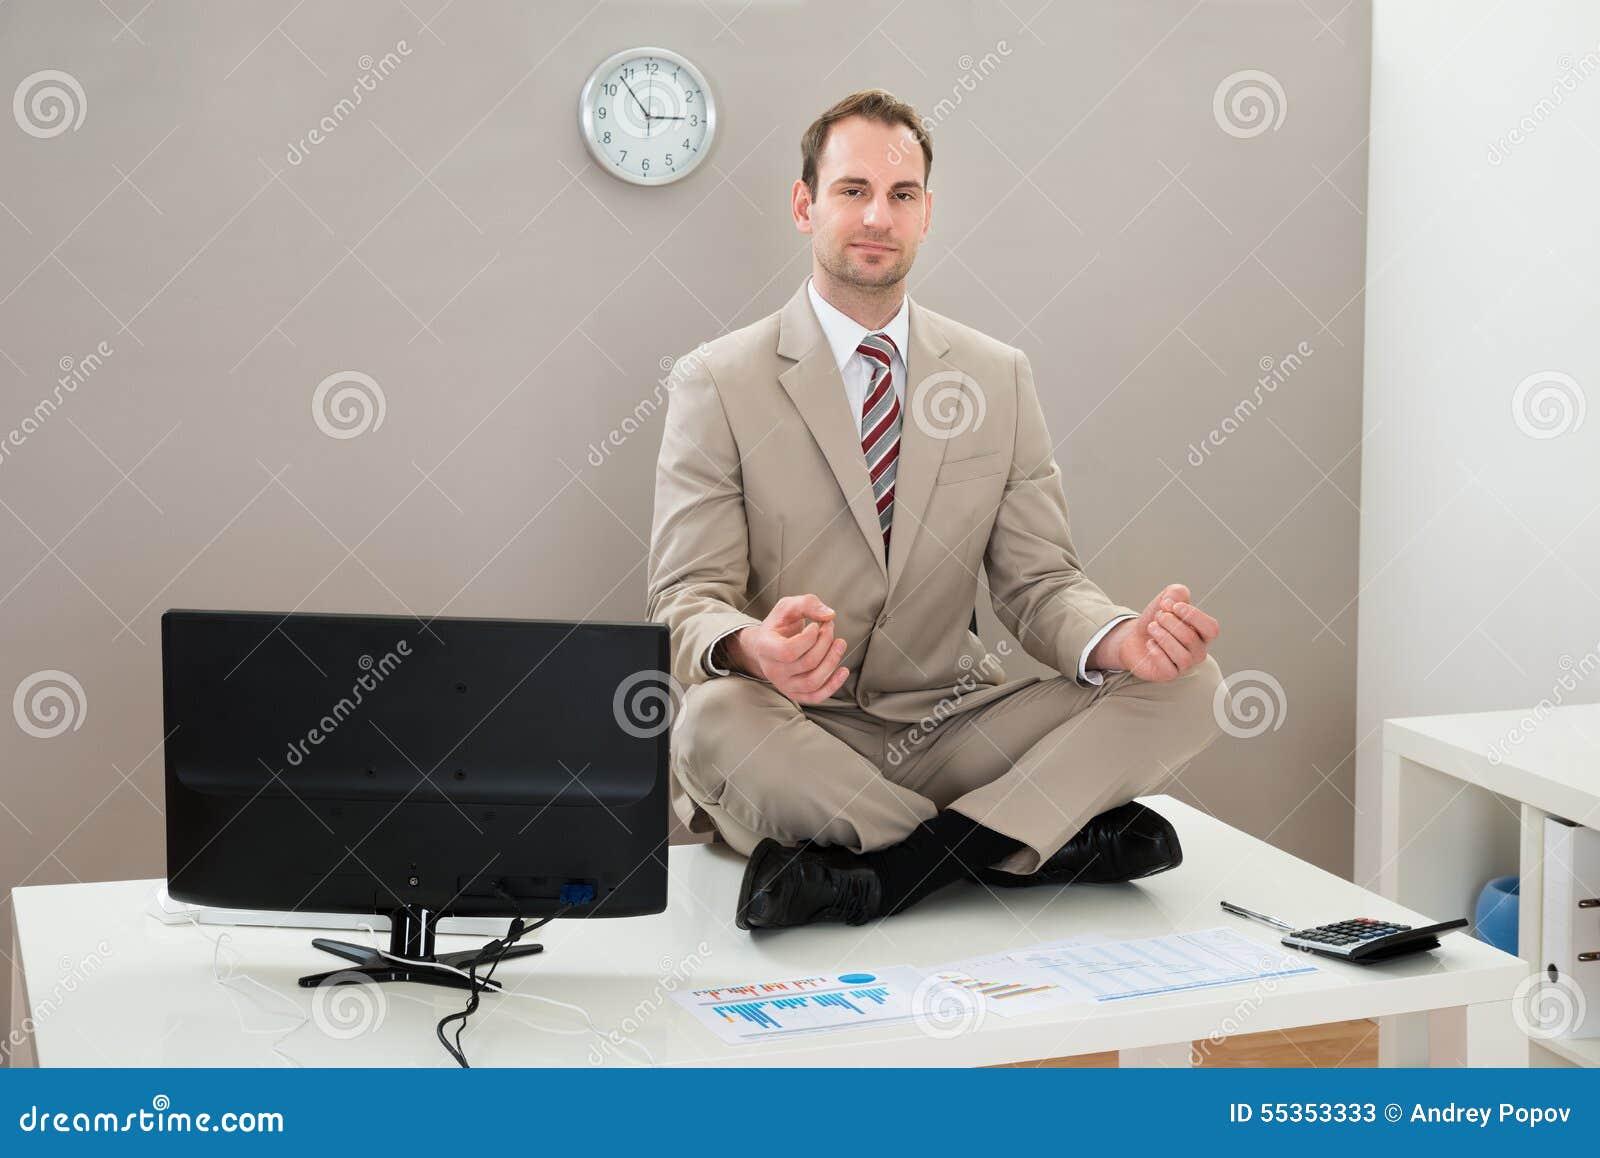 Ufficio Elegante Jobs : Uomo d affari che fa yoga in ufficio immagine stock immagine di